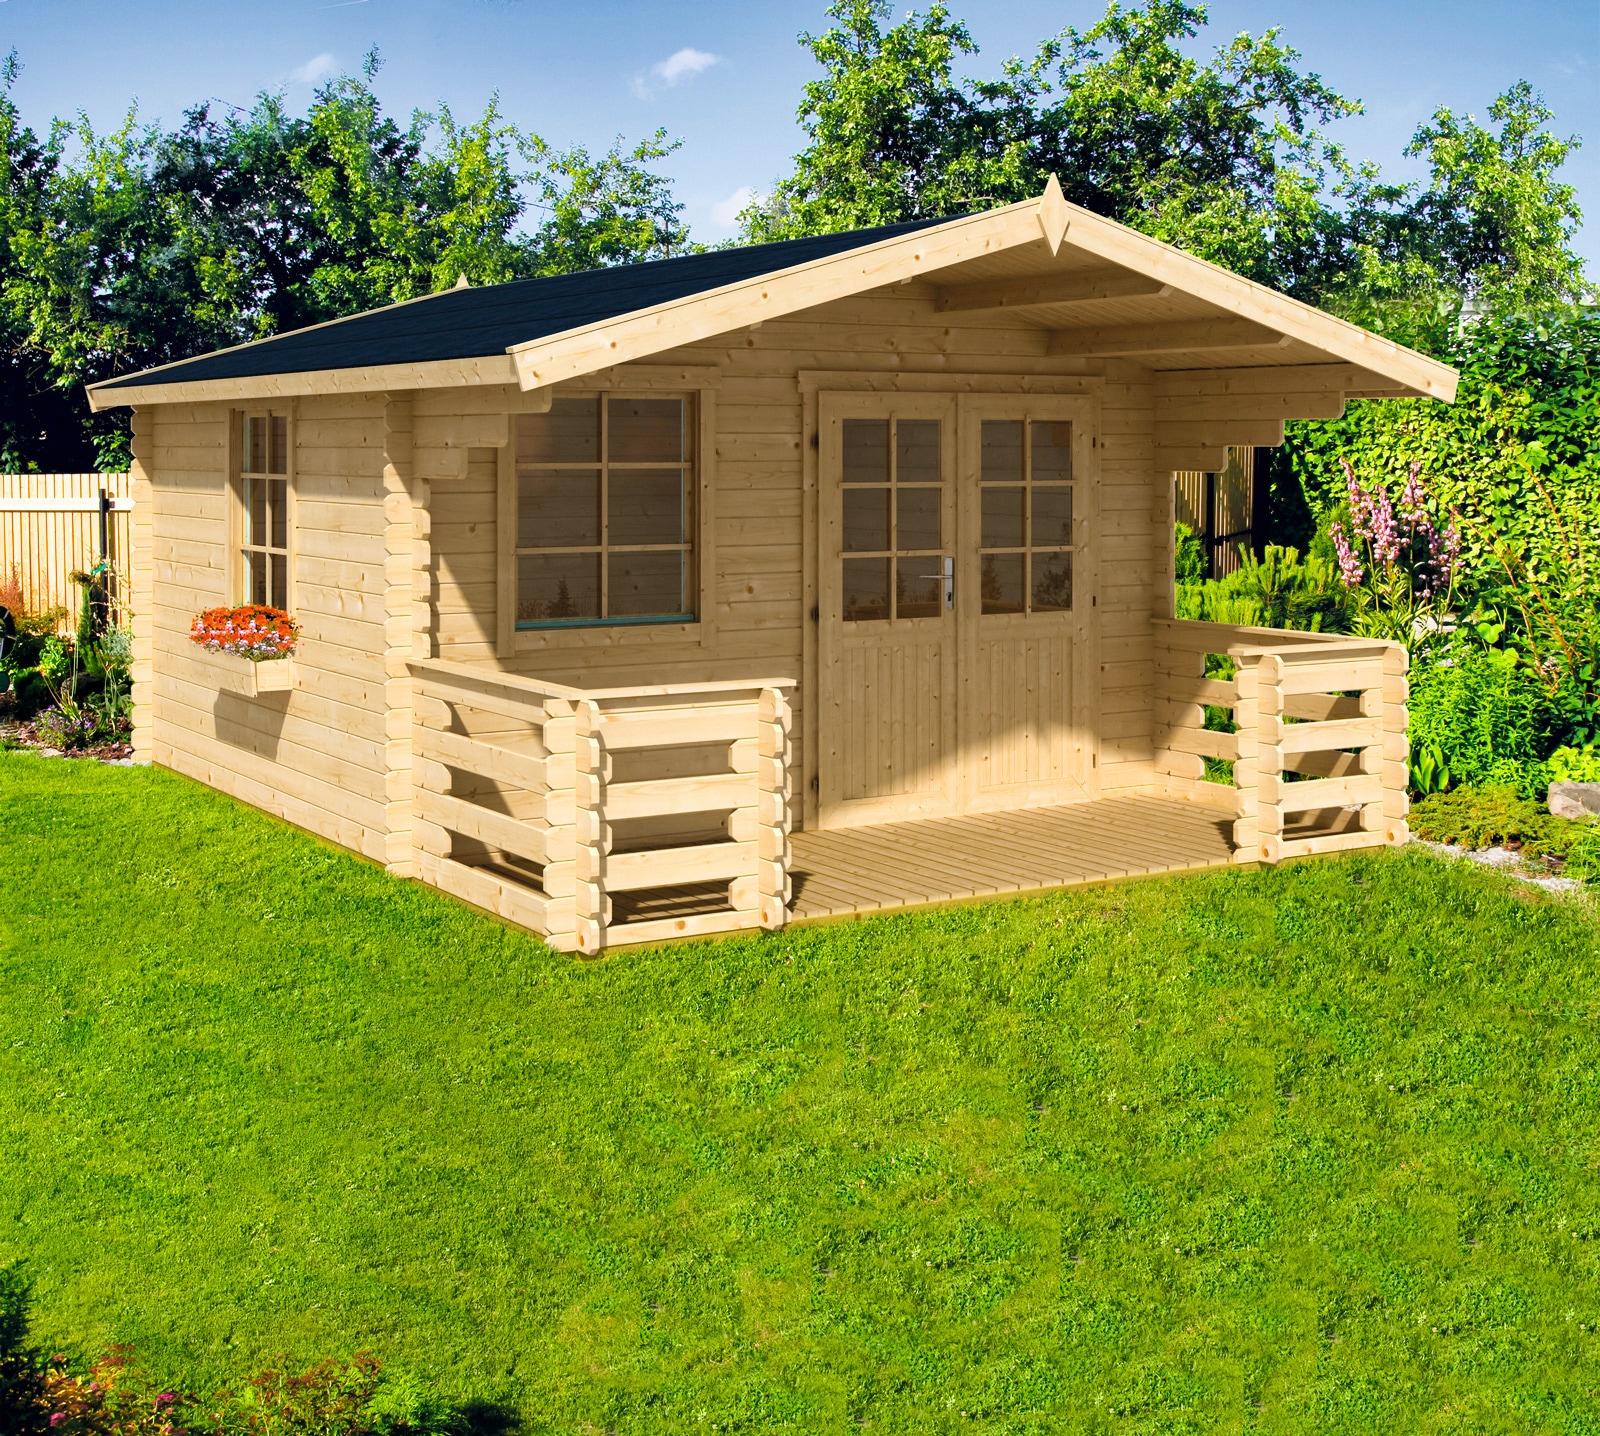 NORDIC HOLZ Set: Gartenhaus »Klingenberg 2«, BxT: 404x520 cm, mit Terrasse,  Fußboden, Blumenkasten günstig | BAUR